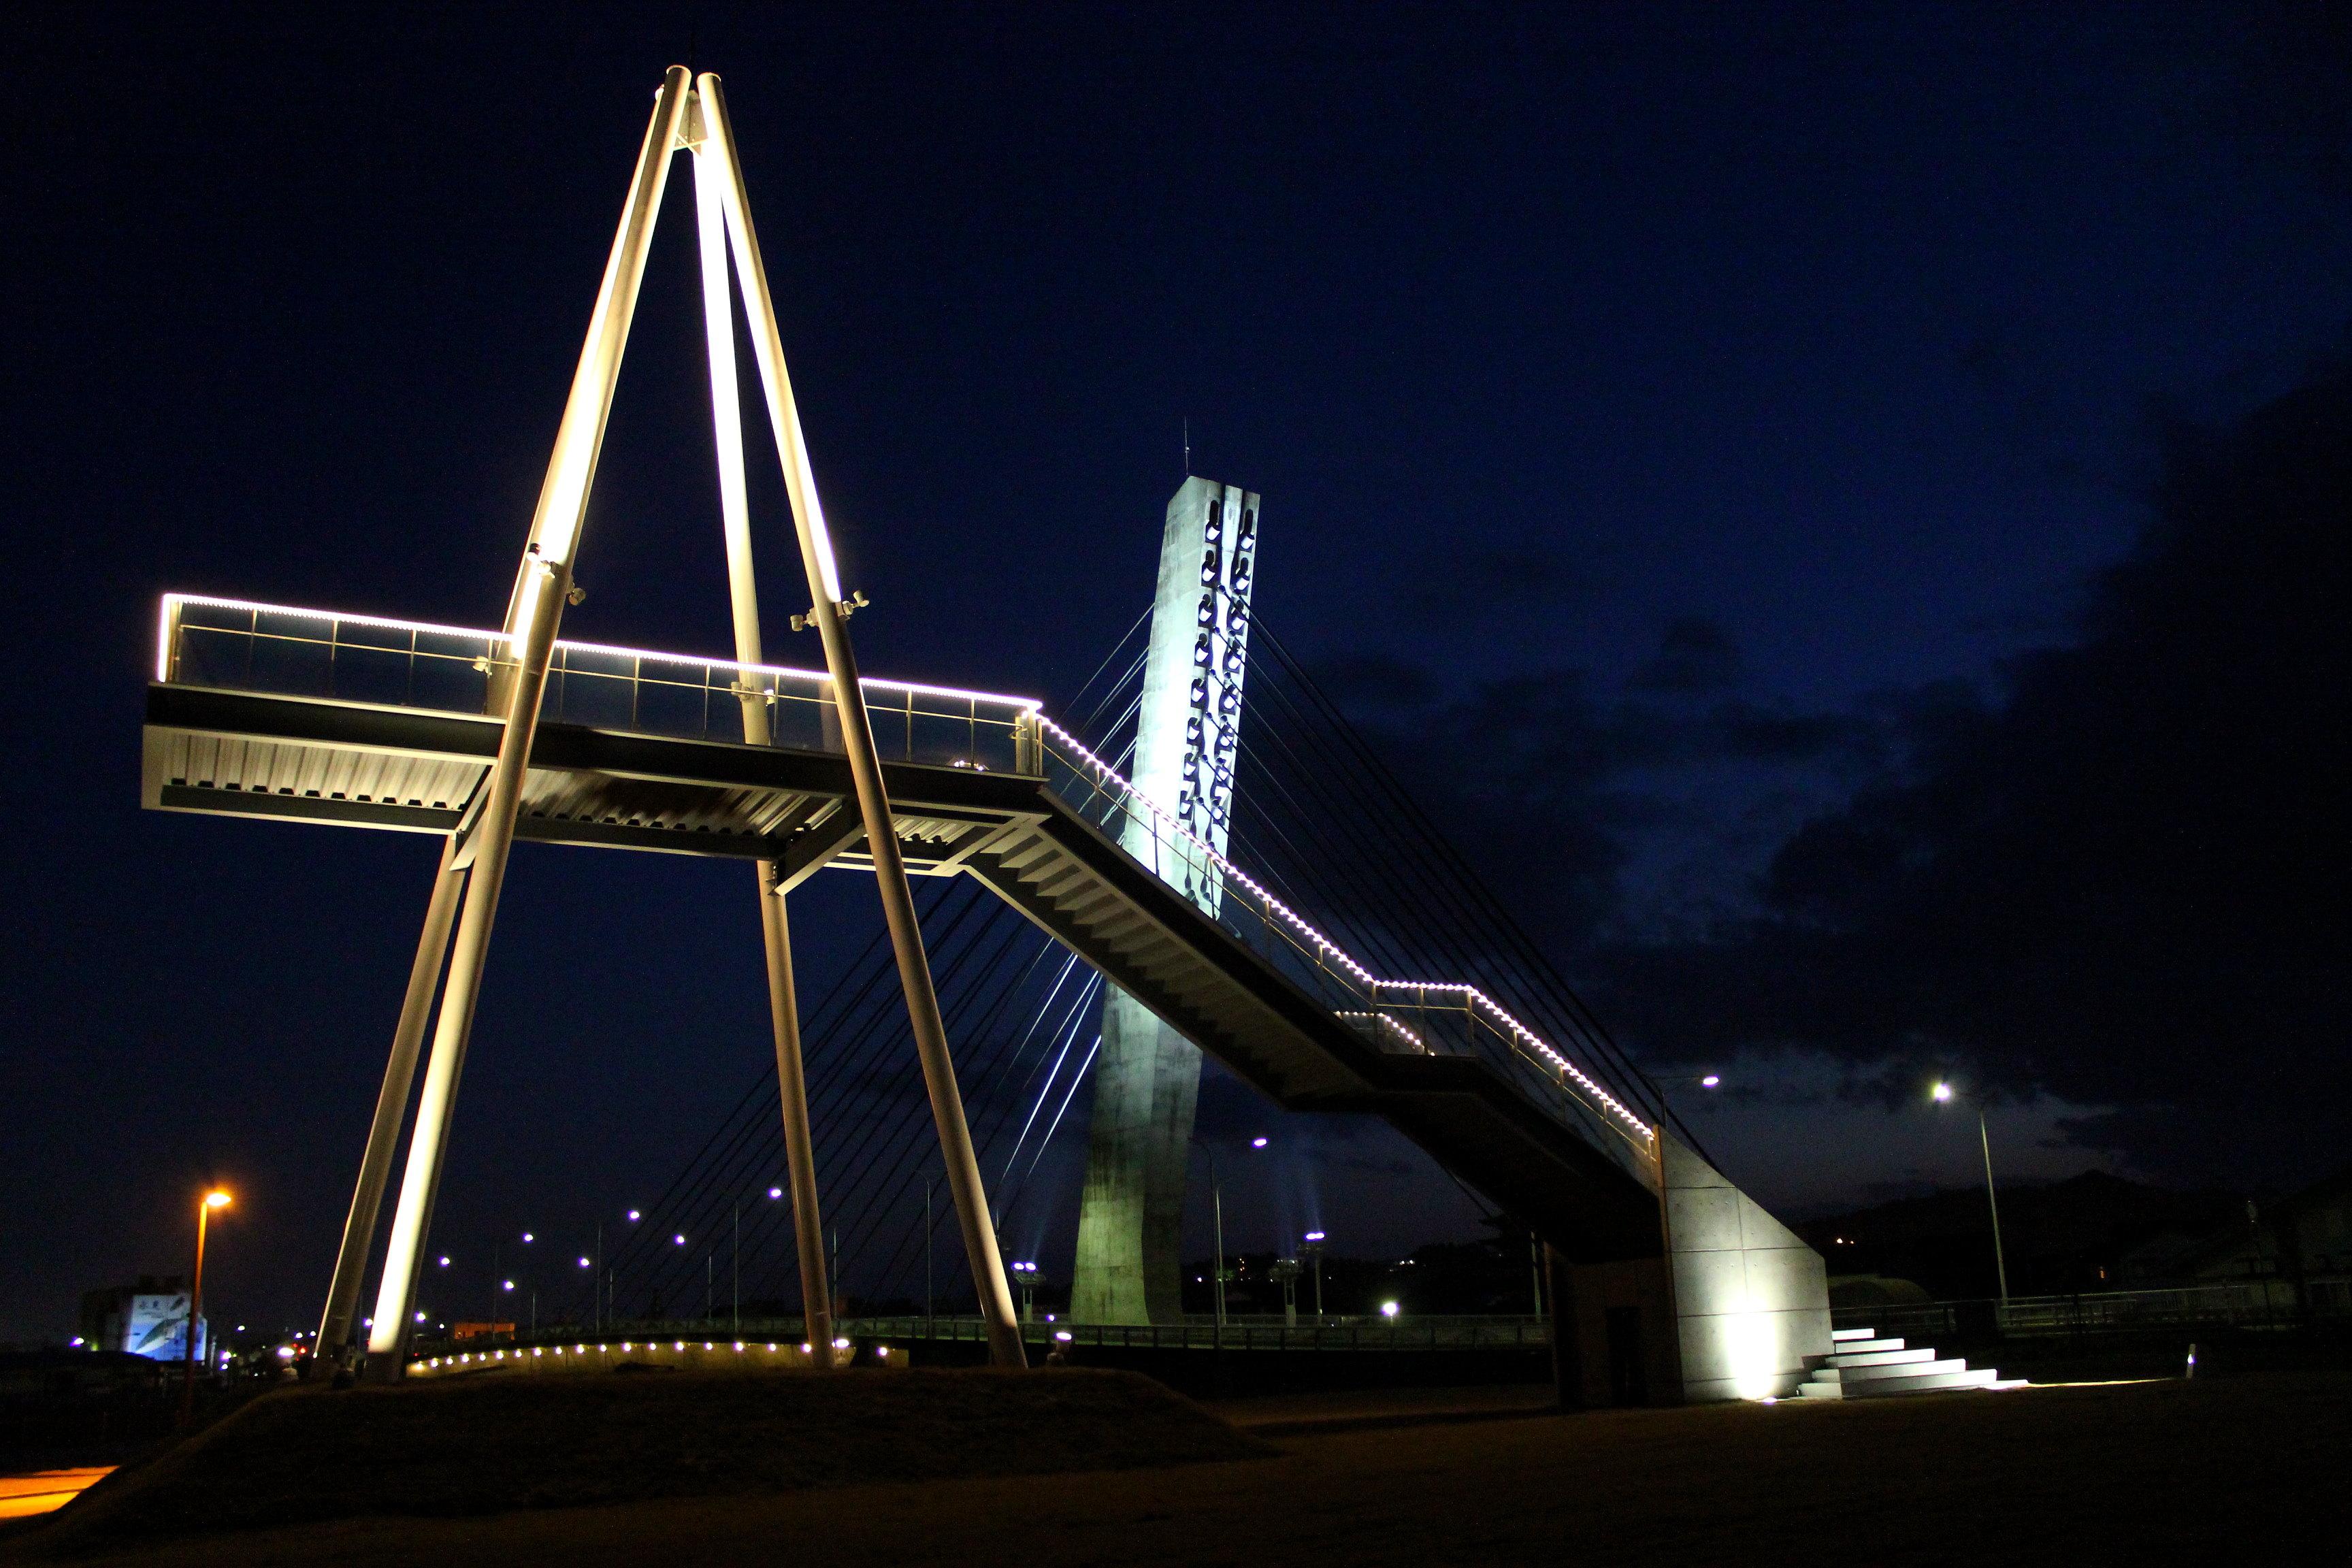 【比美乃江公園】氷見の潮風が気持ちいい夜景スポットに行ってきた